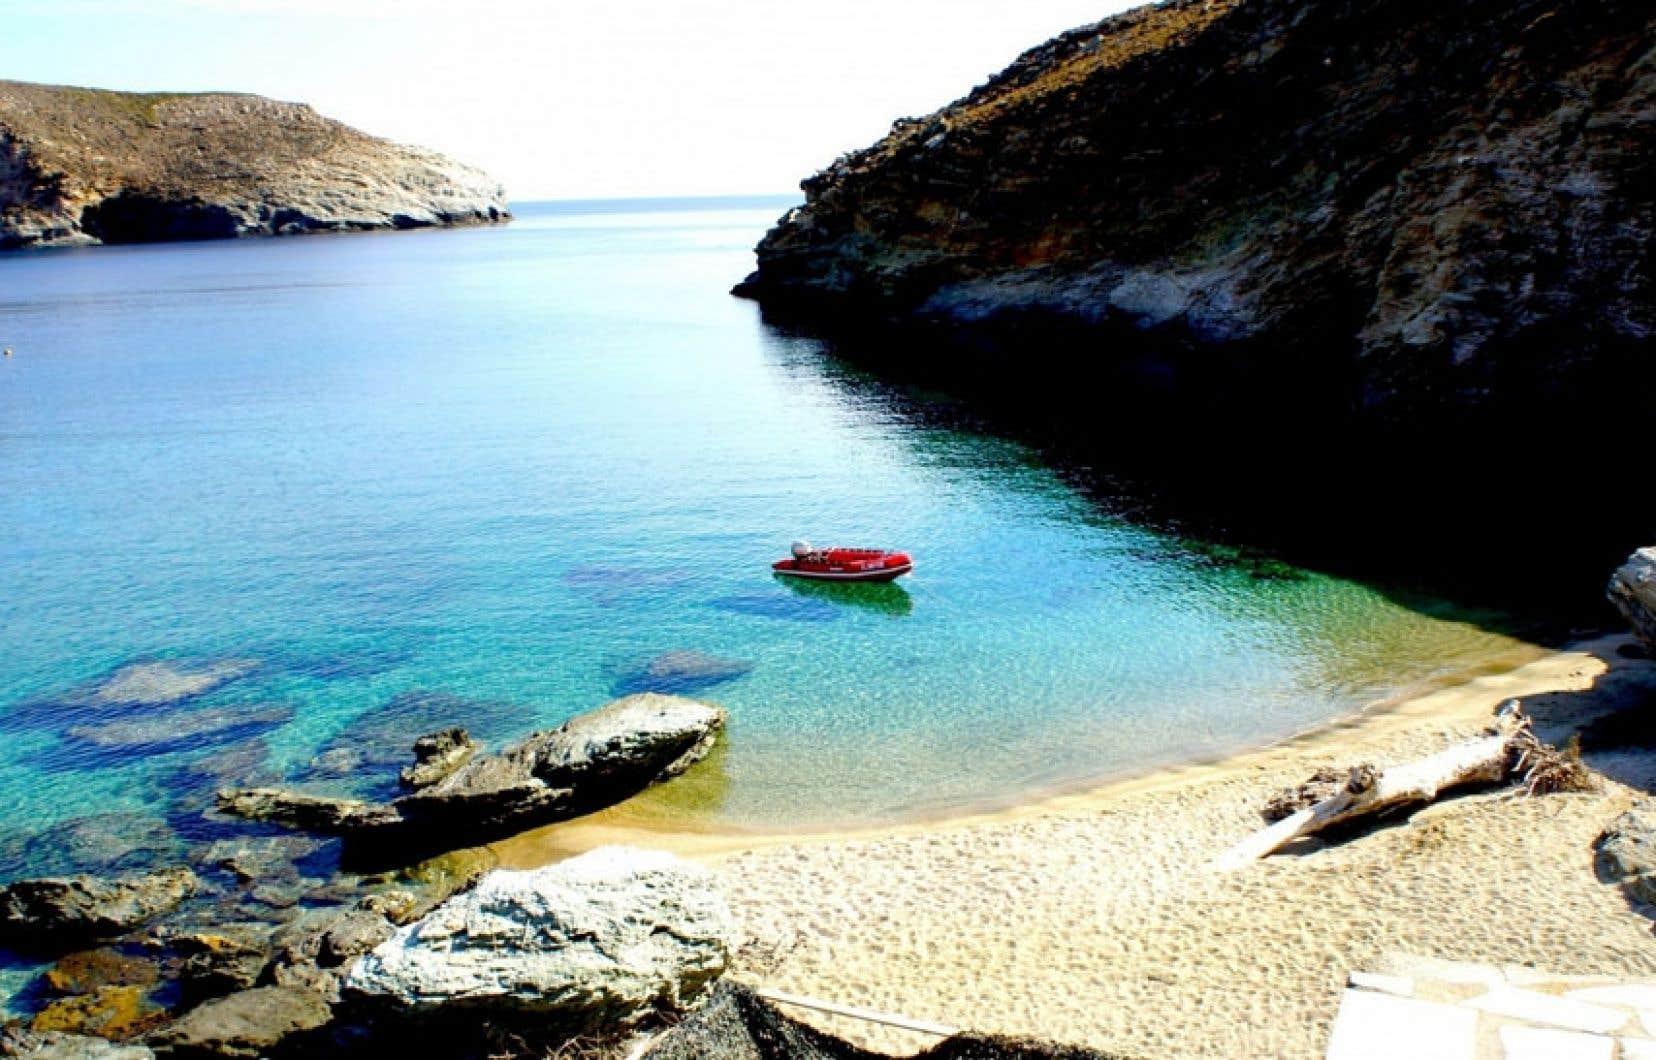 Piscine et mer sont sous les pieds au resort Onar, Andros, en Grèce.